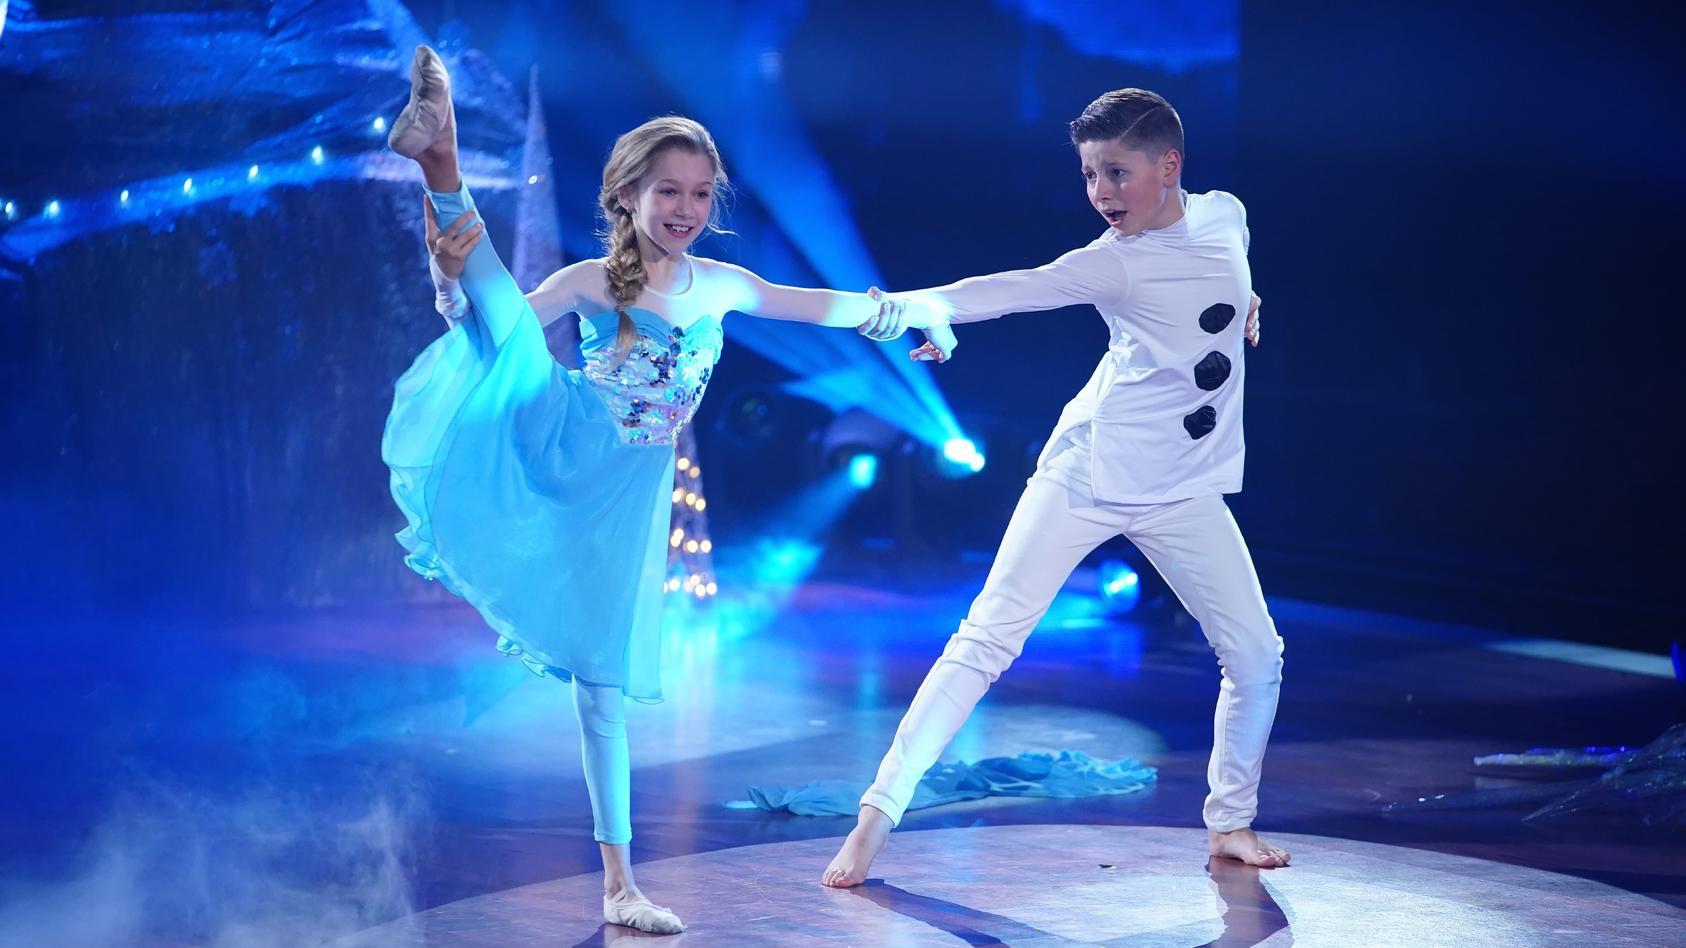 jona-szewczenko-gewinnt-sie-ist-das-erste-dancing-sternchen